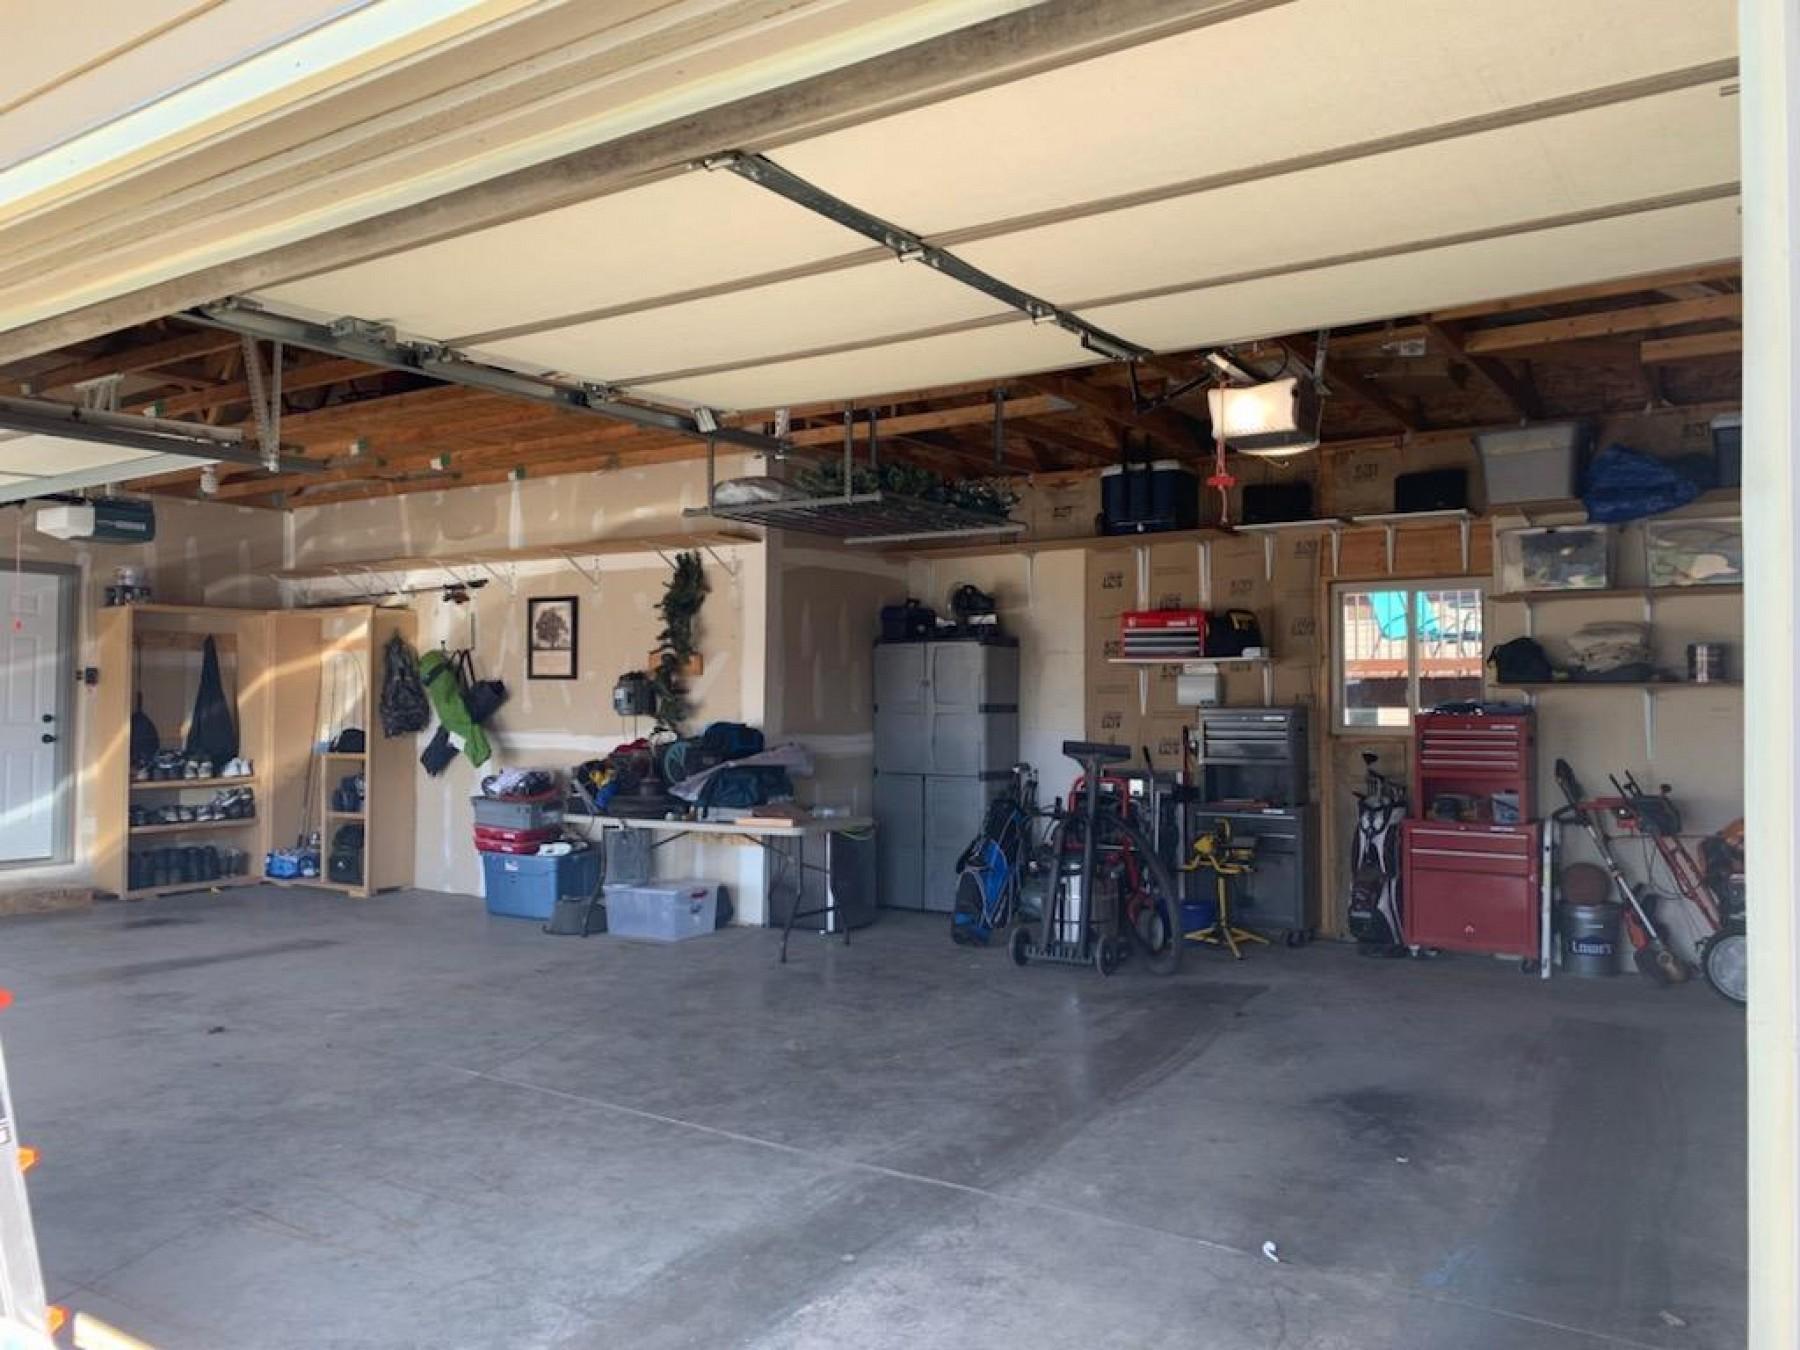 731 Hunters RidgeRoad, Brookings, SD 57006